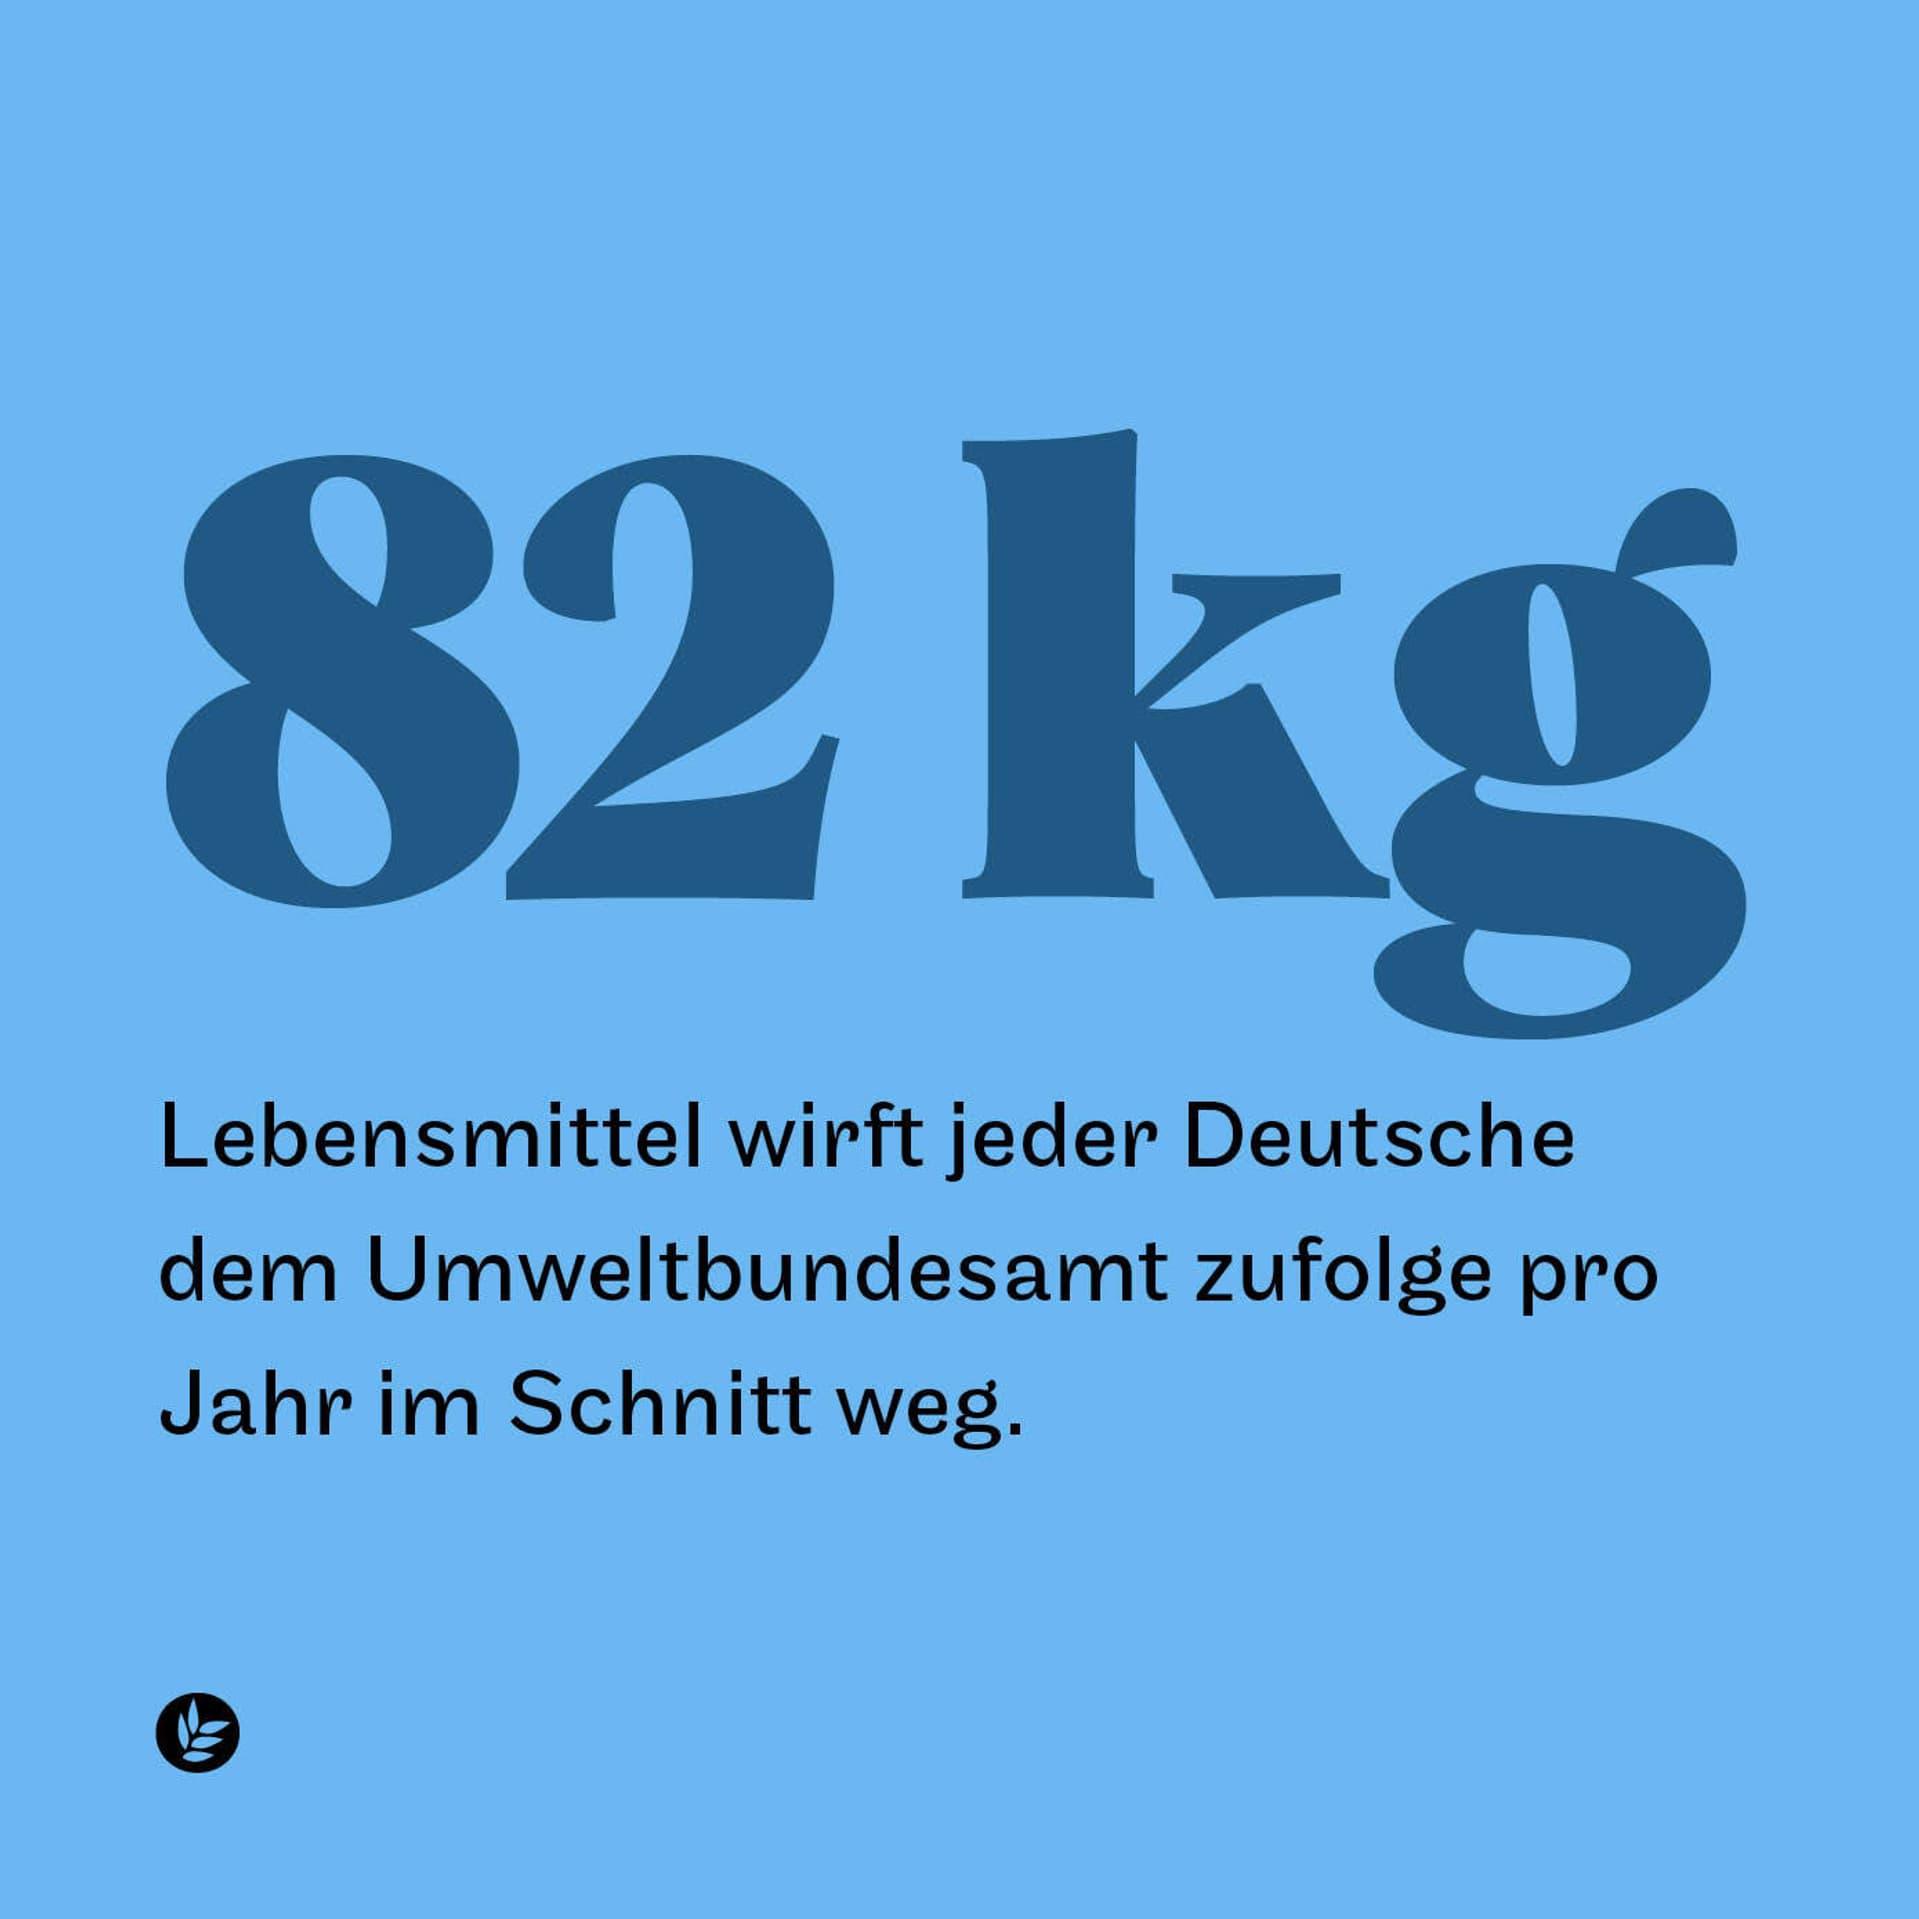 82 Kilogramm Lebensmittel wirft jeder Deutsche im Durchschnitt pro Jahr weg.